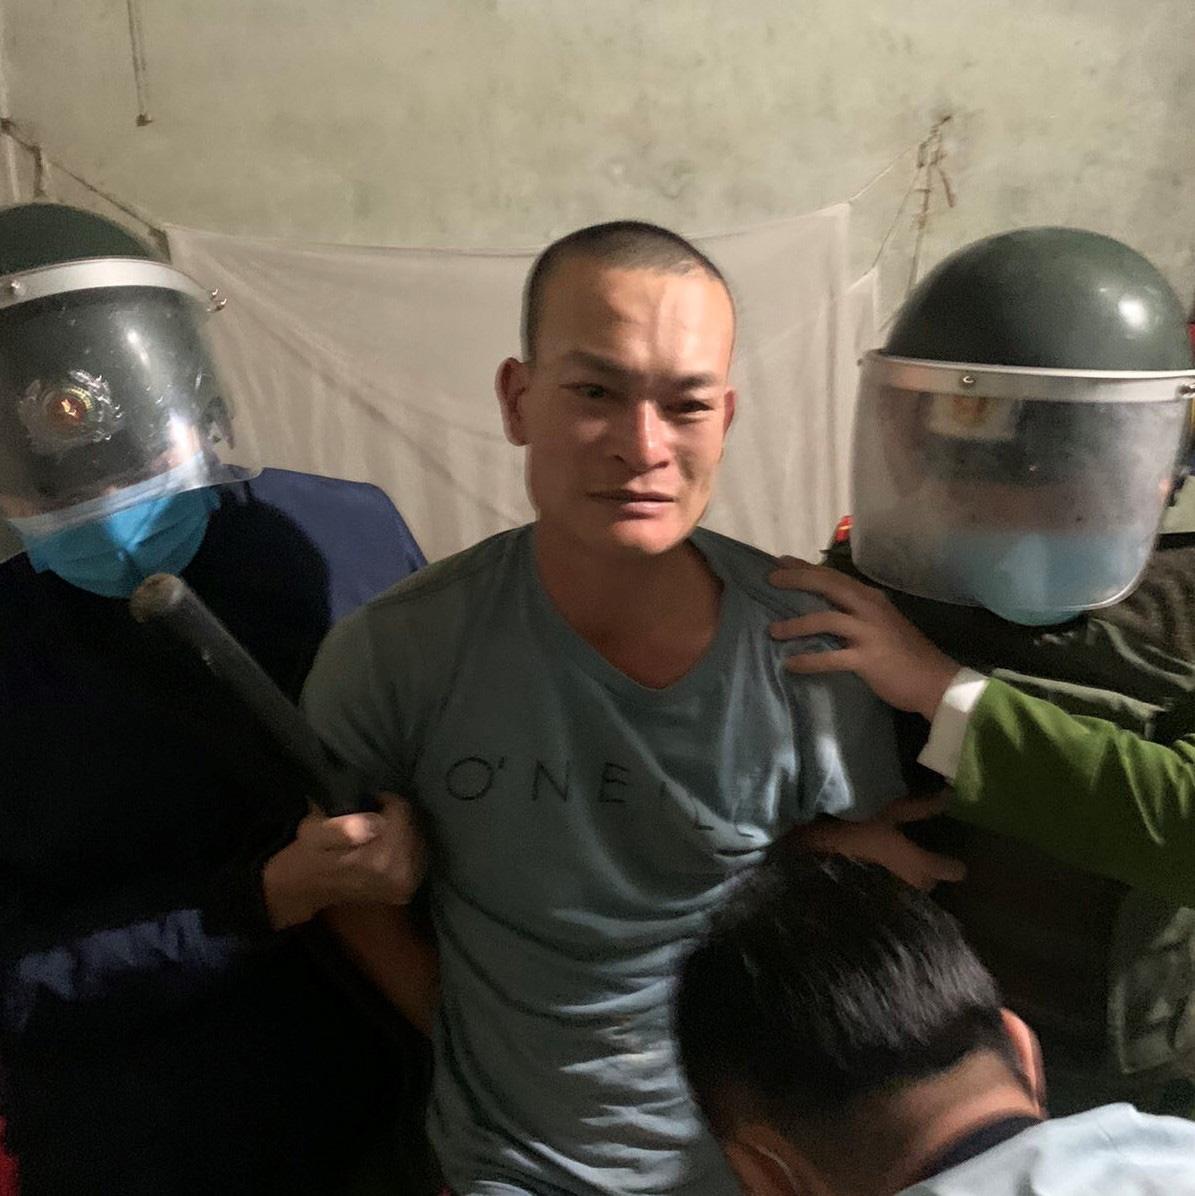 Quảng Ninh: Tạm giữ hình sự đối tượng uống rượu chém người, đốt xe ô tô - Ảnh 1.